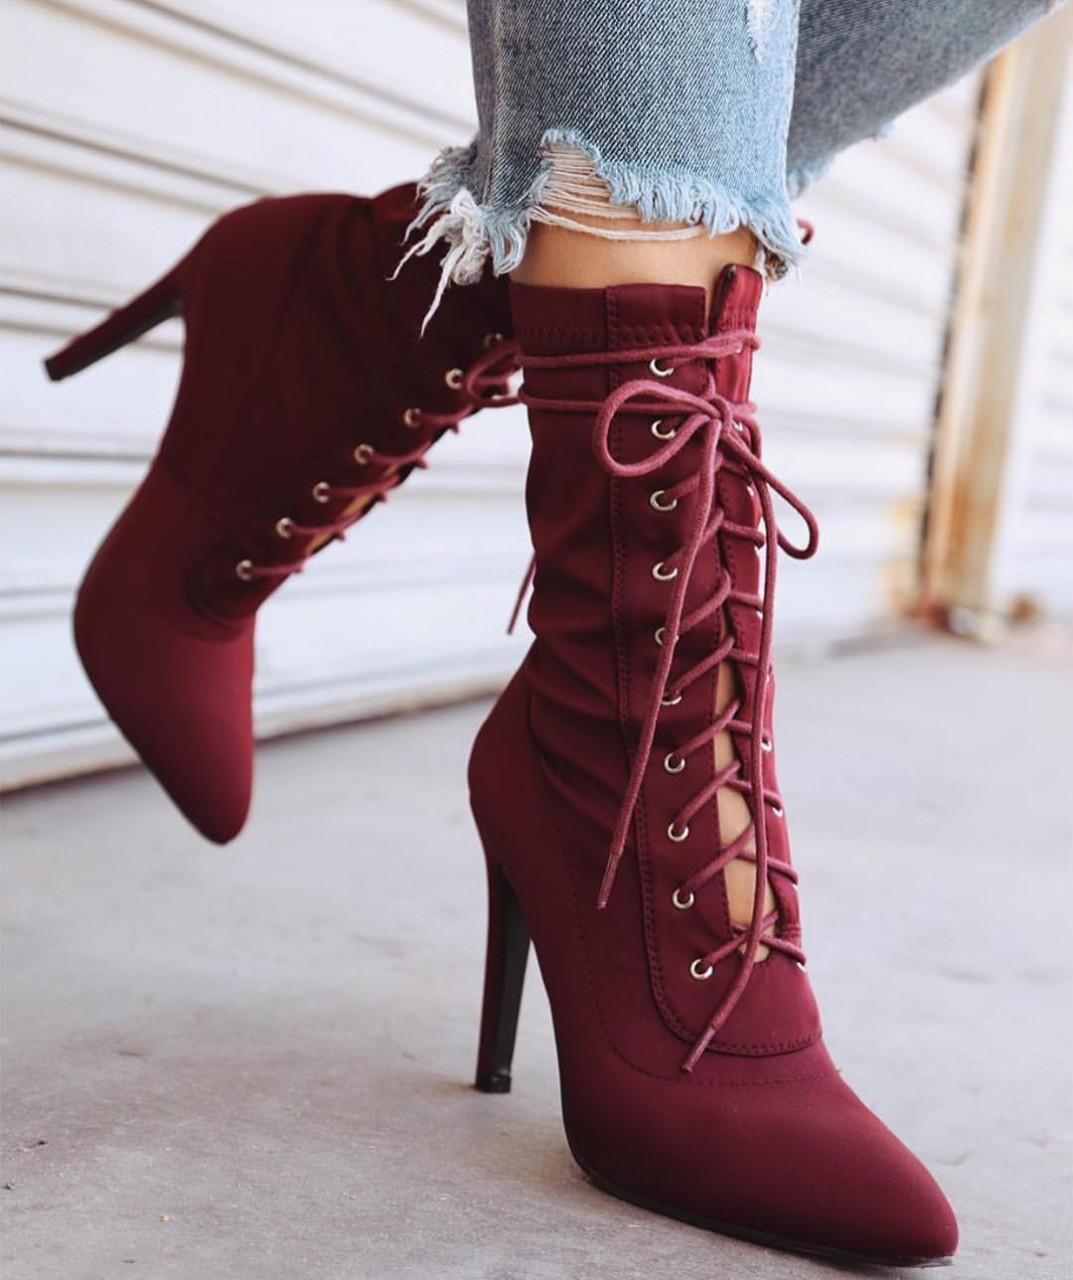 Модная обувь осени 2017: в тренде красный цвет